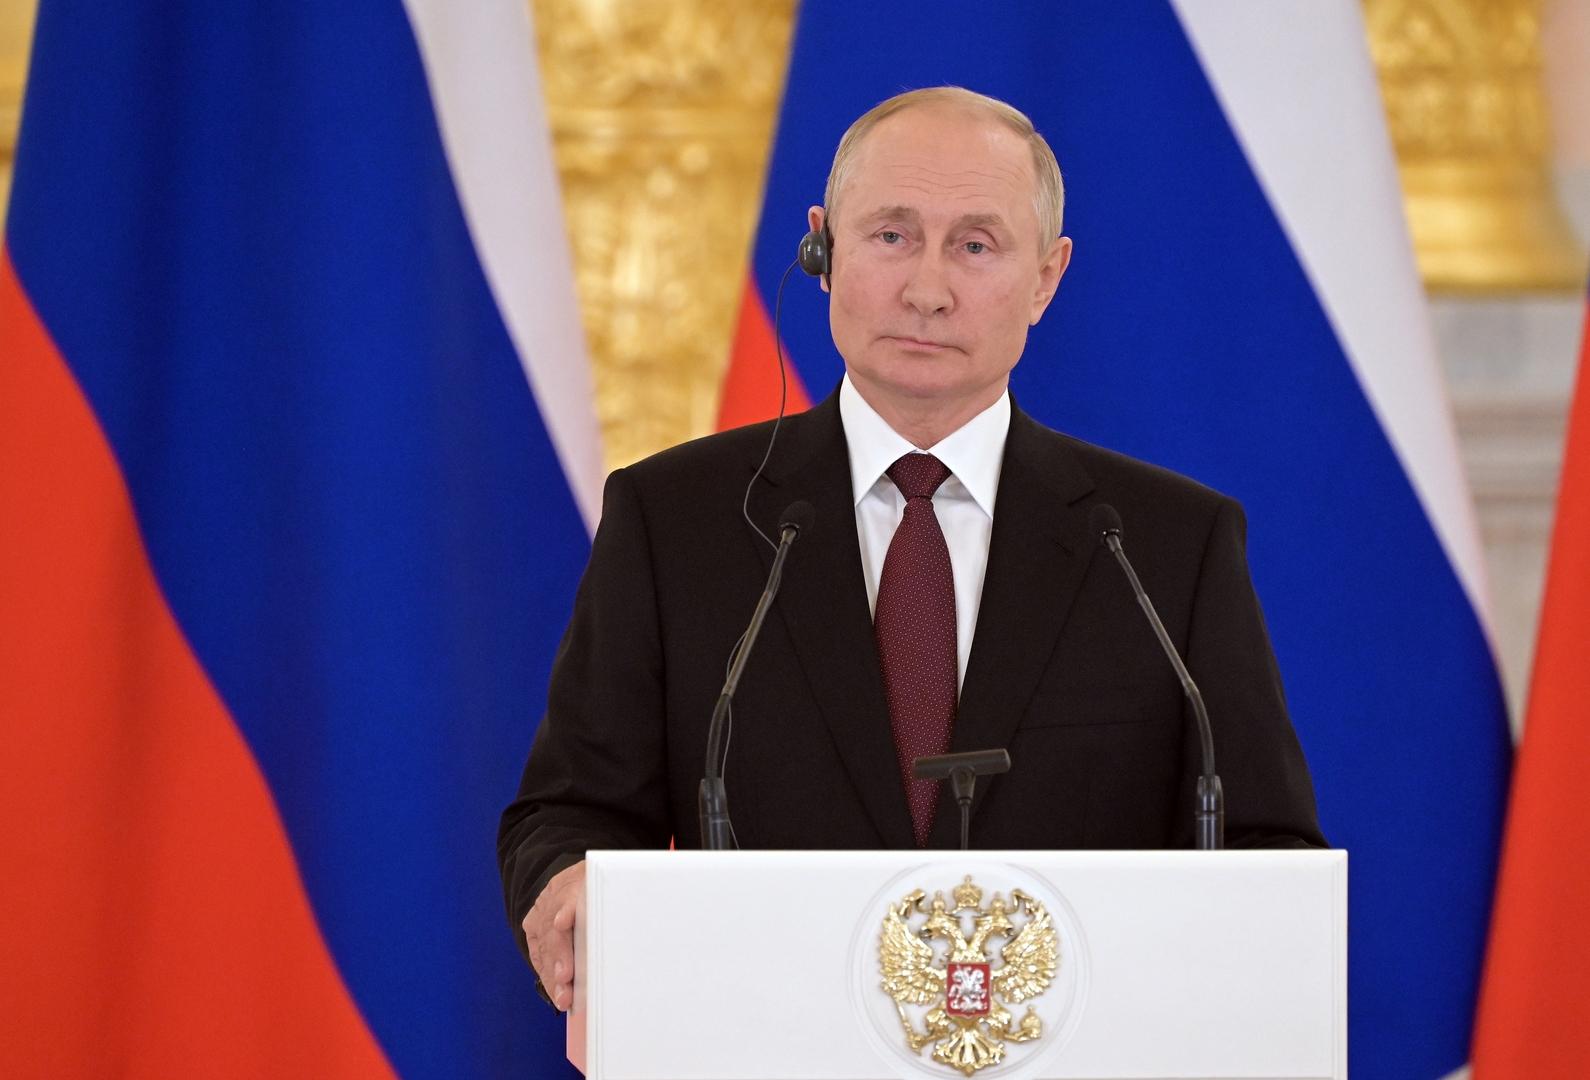 بوتين يدعو إلى مواصلة الحوار مع كل القوى السياسية في ليبيا